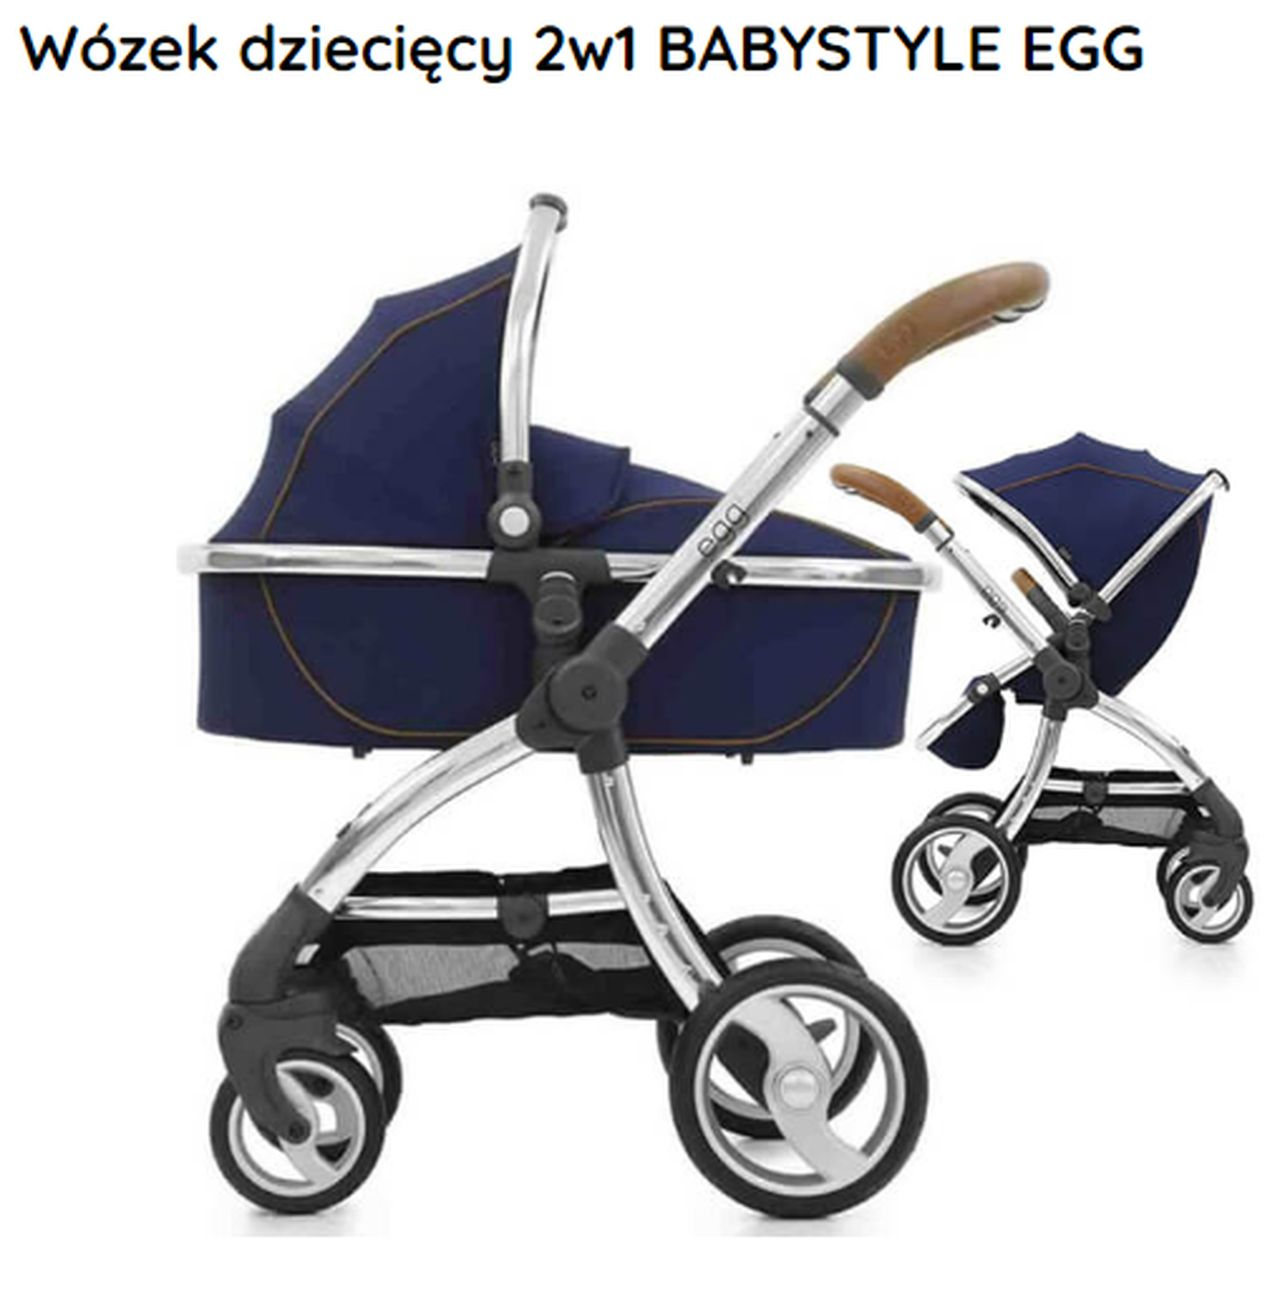 Granatowy wózek dziecięcy